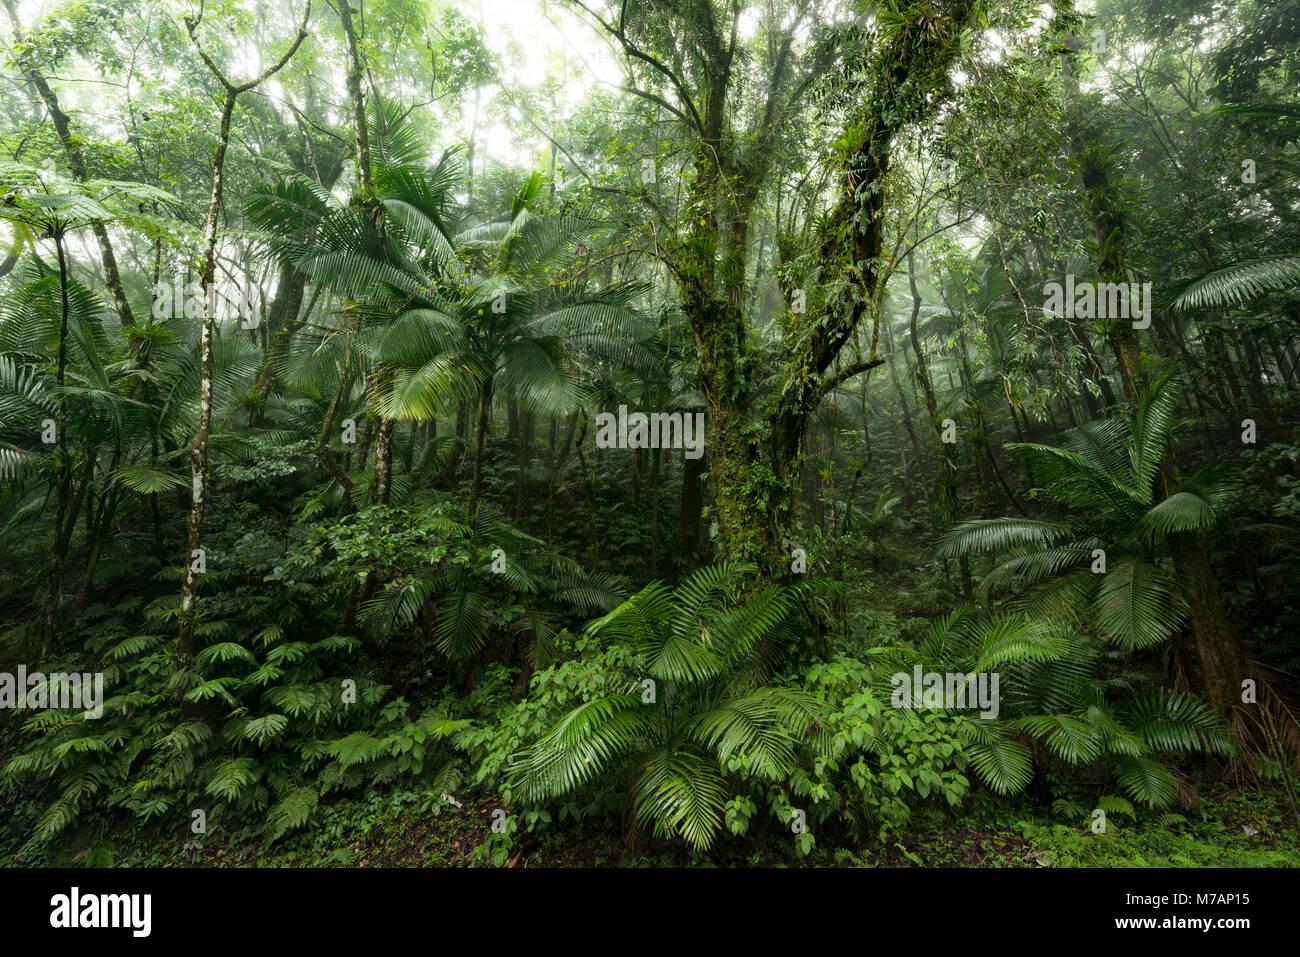 Grünen Dschungel Szene aus dem Regenwald Yunque auf der karibischen Insel Puerto Rico Stockbild